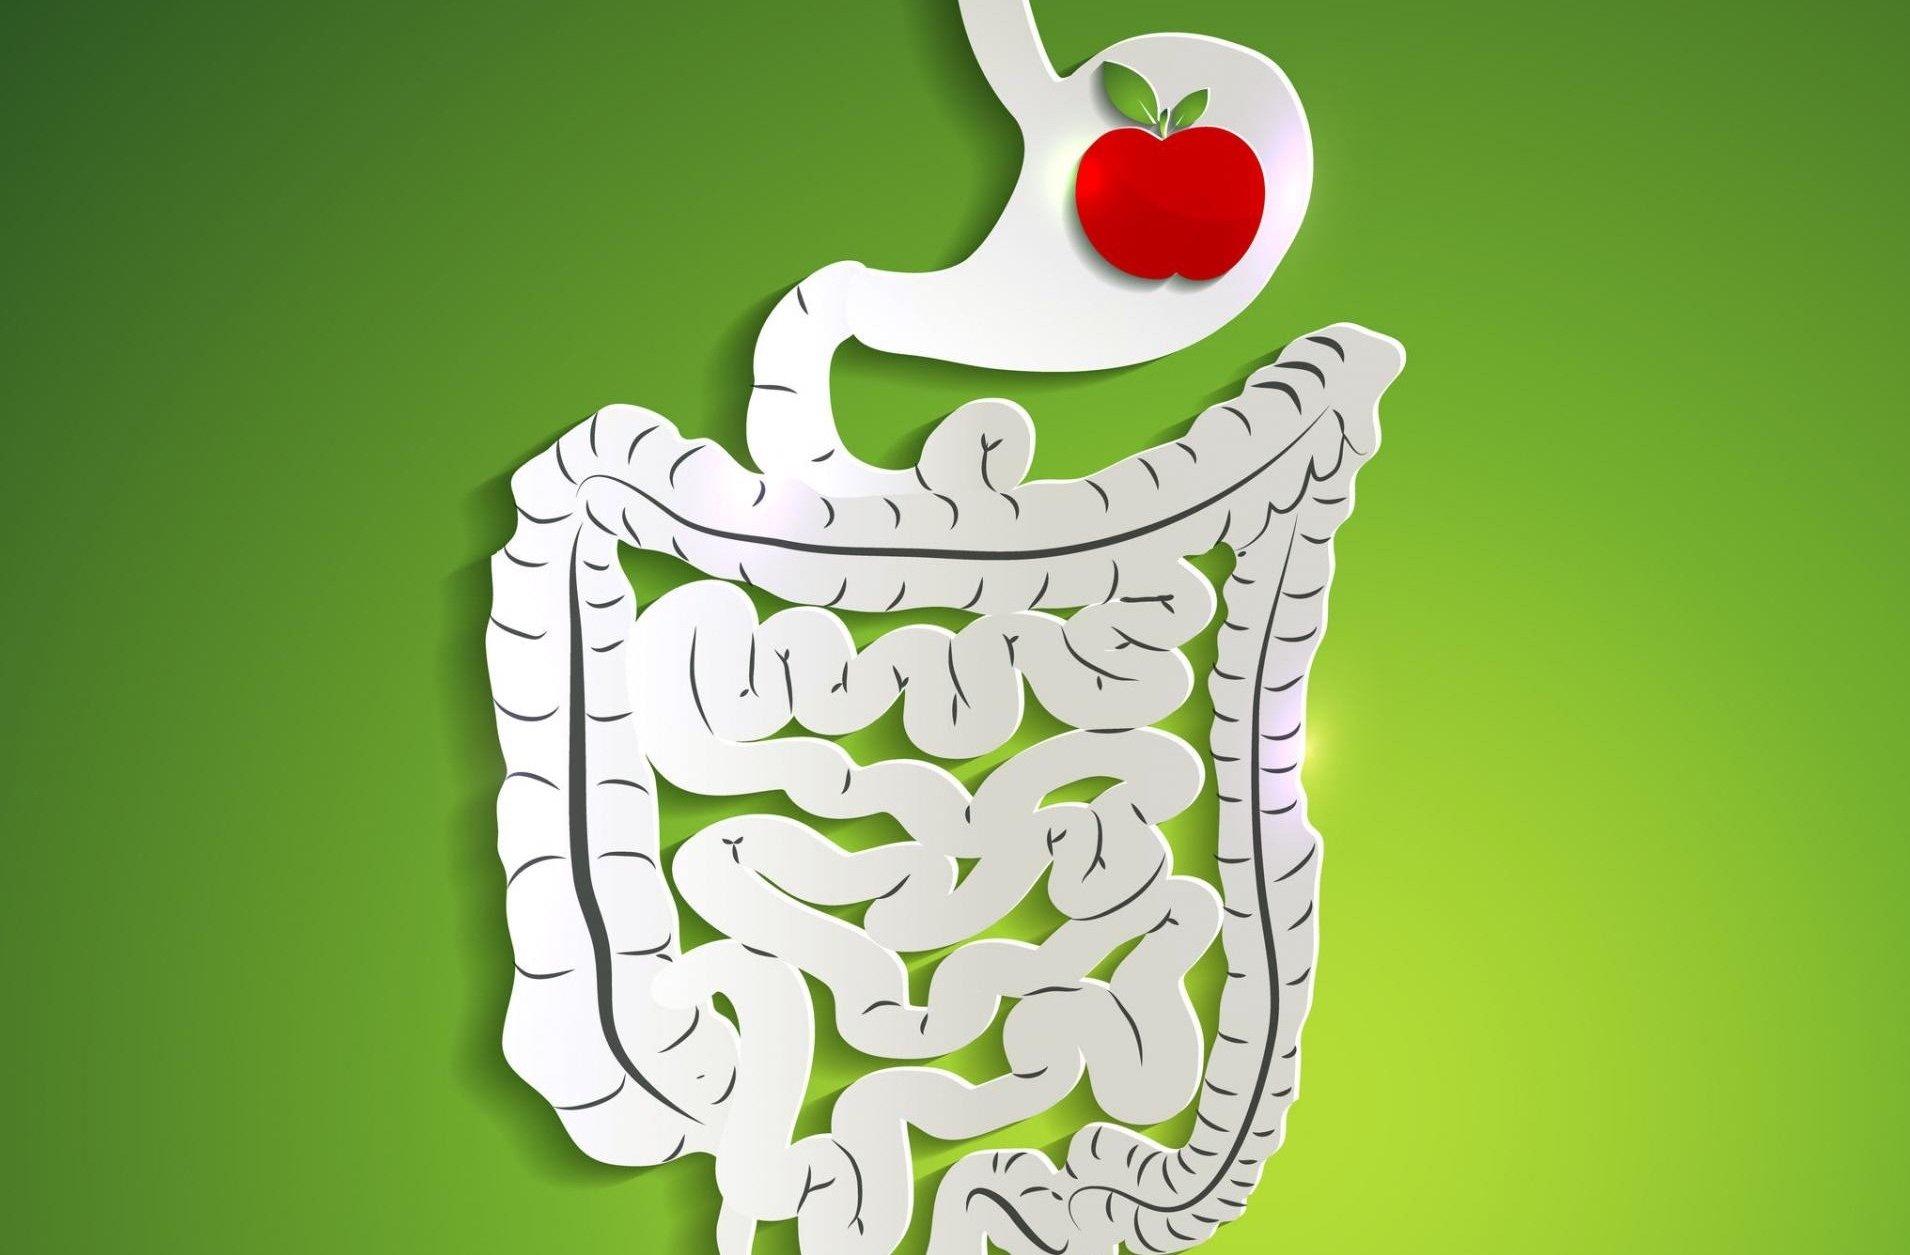 «Полезные кишечные бактерии» могут помочь в борьбе с ожирением